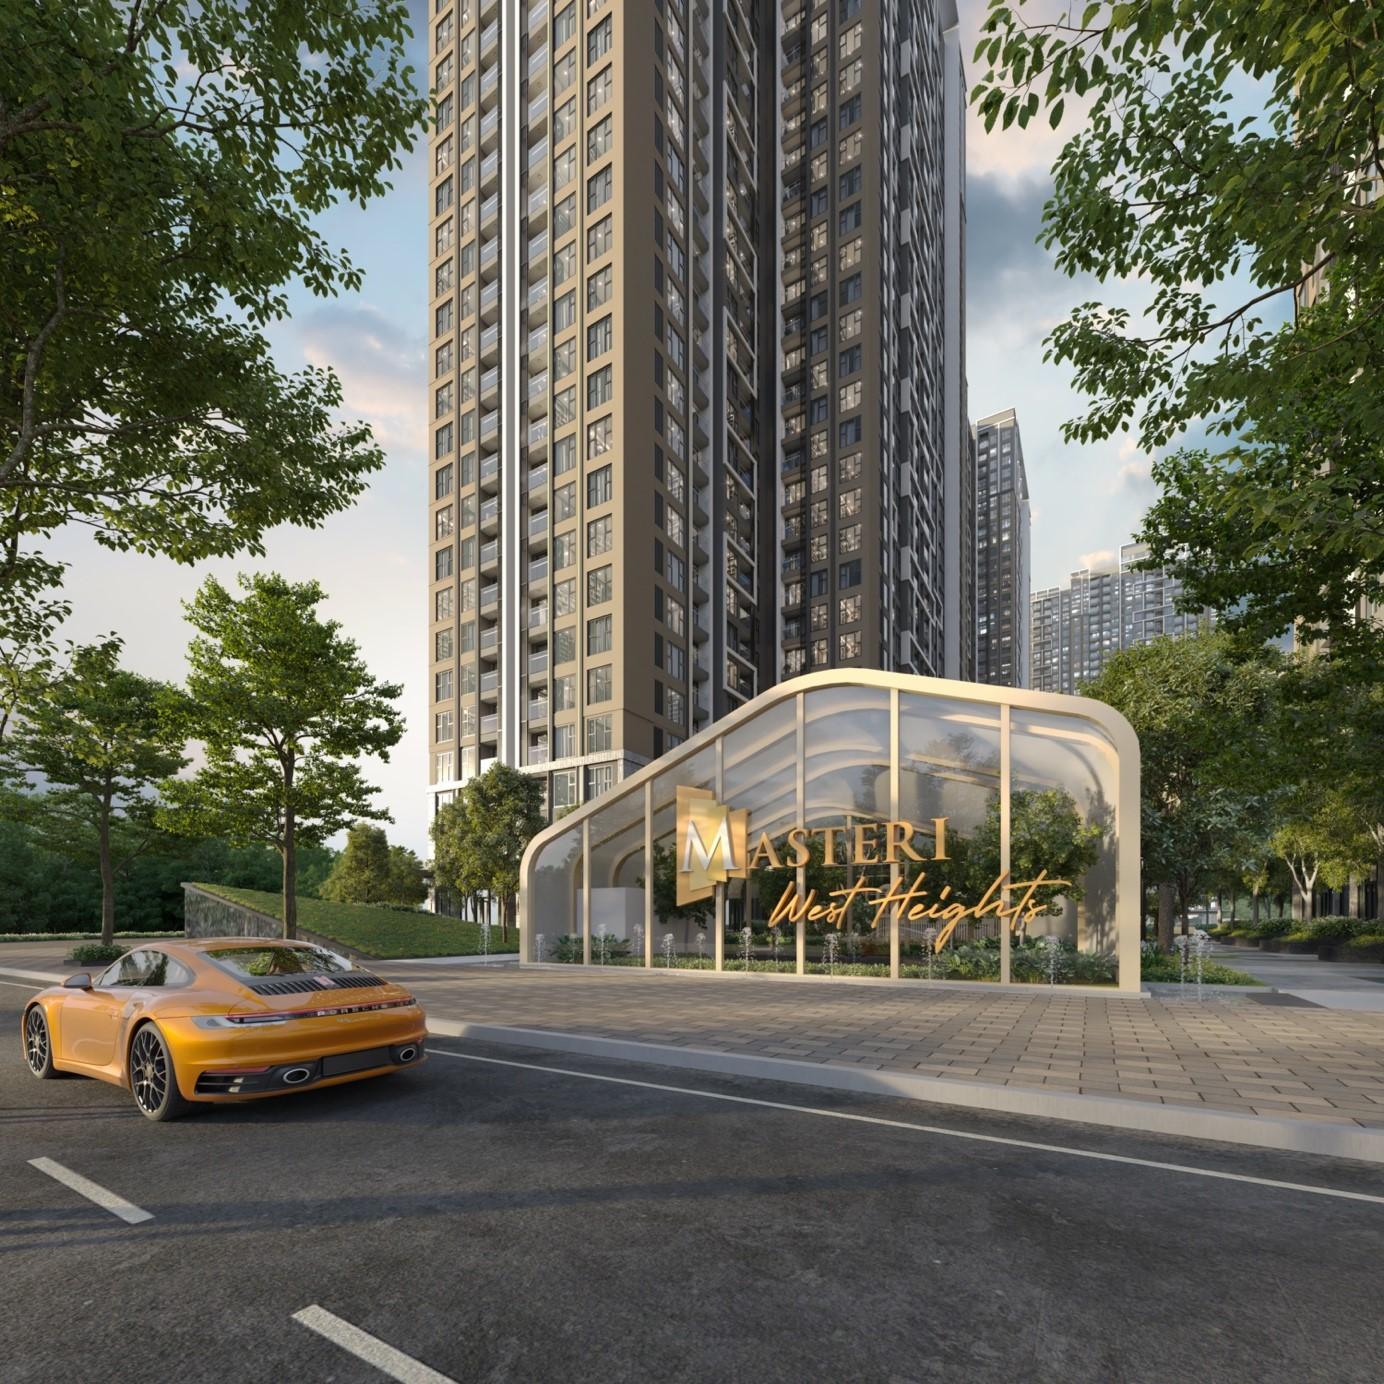 Masterise West Heights - bất động sản mang chuẩn quốc tế ở phía Tây thủ đô. Ảnh phối cảnh: Masterise Homes.